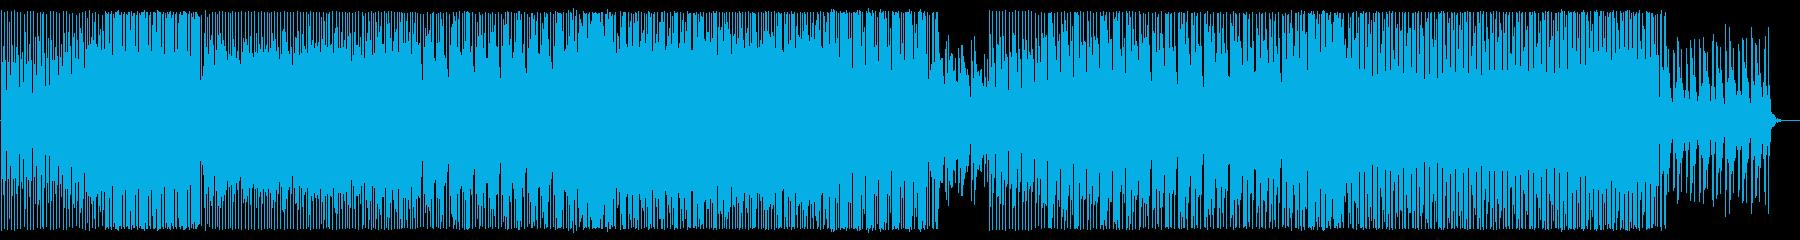 軽快で気持ちいい変則なシンセサイザーの曲の再生済みの波形